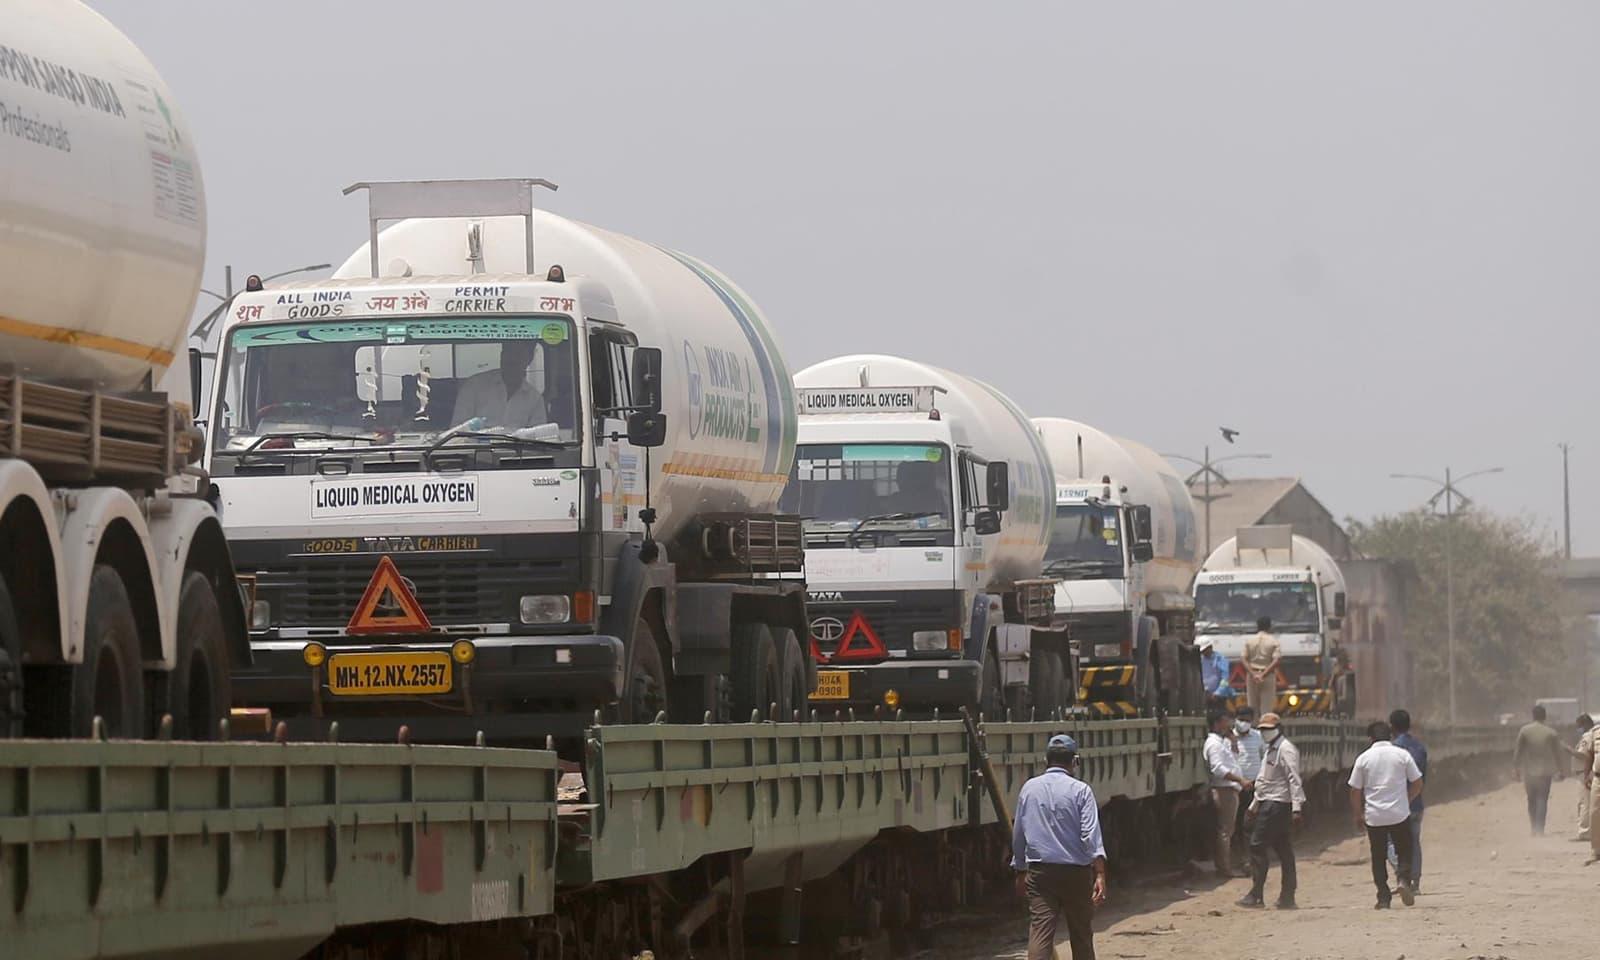 ممبئی میں دیگر ریاستوں سے لیکوئیڈ آکسیجن کے حصول کے لیے ٹینکرز بھیجے جارہے ہیں—فوٹو:اے پی